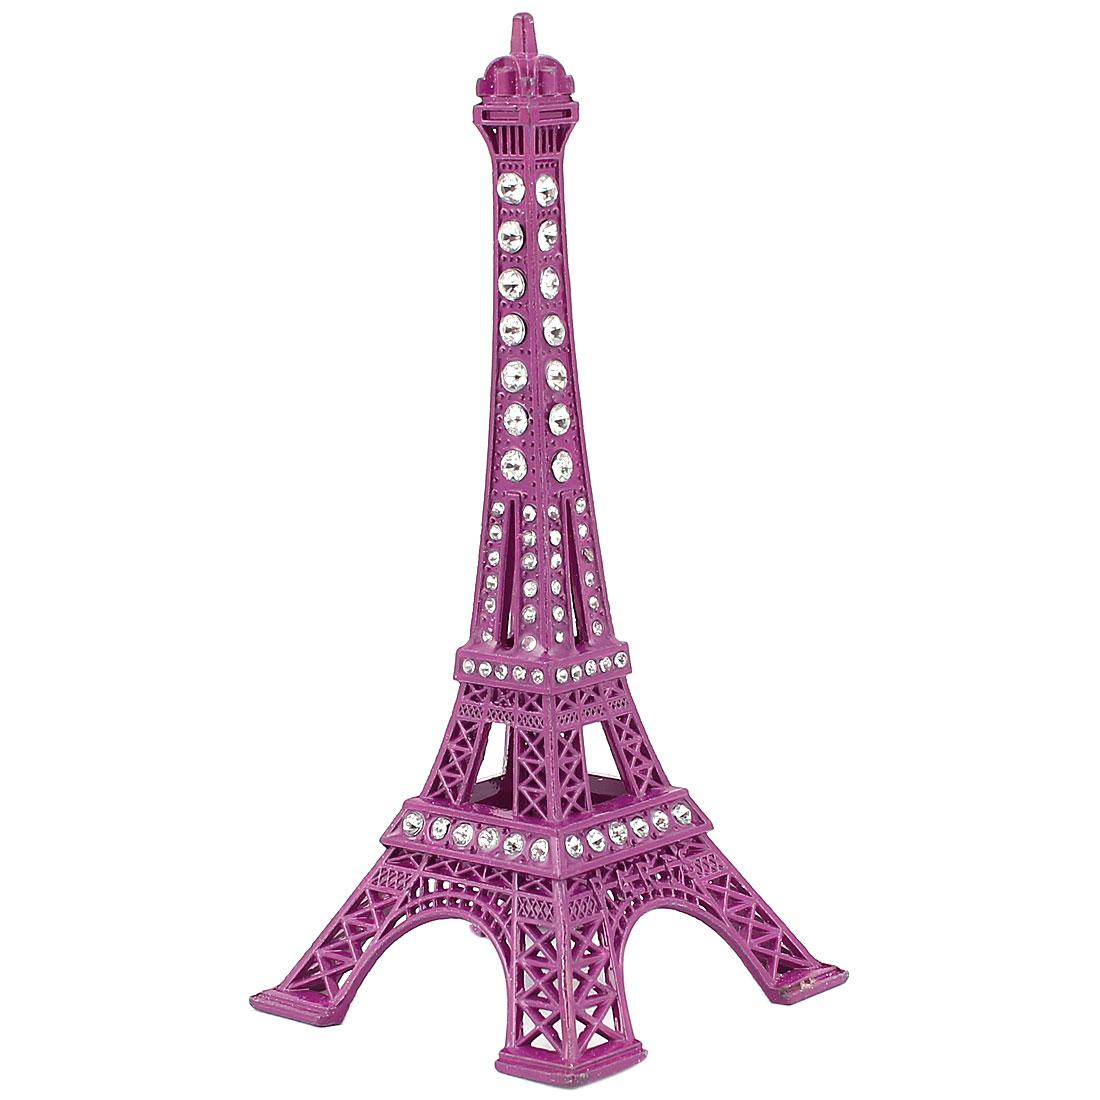 Metal Paris Miniature Eiffel Tower Model Souvenir Decoration Plum 5.1